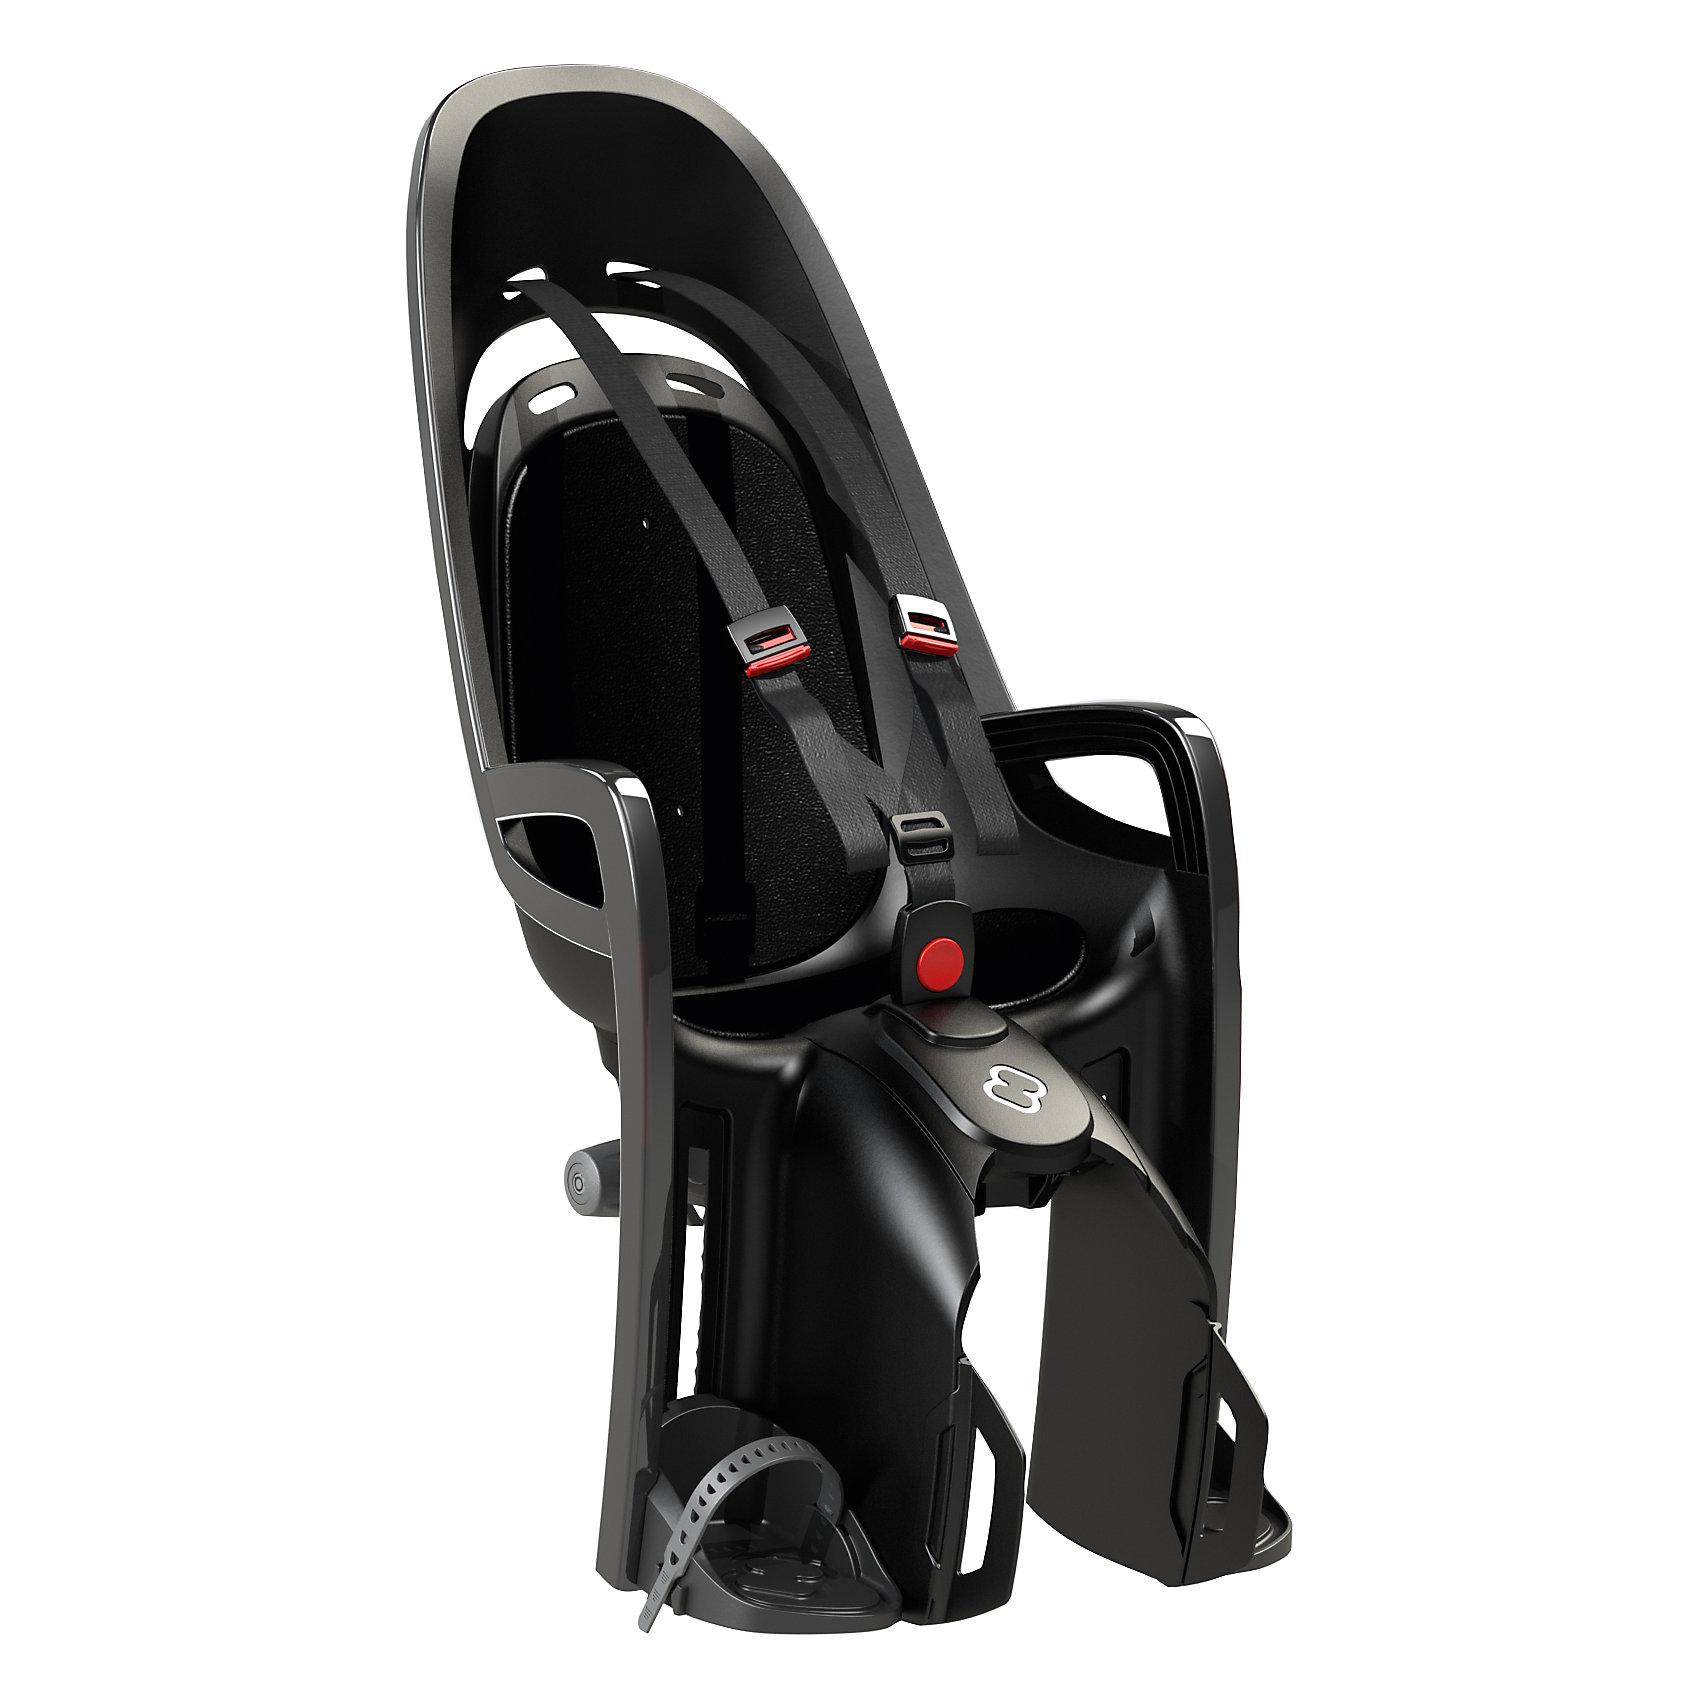 Детское велокресло Caress Zenith W/ Carrier Adapter, Hamax, серый/черныйАксеcсуары для велосипедов<br>Характеристики товара:<br><br>• цвет: серый, черный<br>• запираемый кронштейн крепления.<br>• проработанная эргономика кресла для максимально комфортной посадки<br>• 3-точечные ремни безопасности с дополнительным кронштейном для фиксации в районе груди,и обеспечения ребенку безопасной и удобной посадки.<br>• специальная конструкция пряжек ремней безопасности/фиксации для предотвращения саморастегивания ребенка<br>• простое в использование, полностью соответствующее всем Европейским стандартам безопасности<br>• крепится только  на багажники Hamax (в комплект не входит)<br>• предназначено для детей в возрасте старше 9 месяцев и весом до 22 кг<br>• регулируемый ремень безопасности и подножки<br>• регулировка подножек одной рукой<br>• встроенные отражатели для улучшения видимости кресла<br>• мягкие плечевые пряжки ремней<br>• велокресло сертифицировано по: T?V / GS EN14344<br>• вес: 3550гр.<br>• размер: 37х80х34см<br><br>Мягкие пряжки для фиксации ребенка в кресле очень легкие и комфортные, но при этом обеспечивают надежную фиксацию ребенка в велокресле, позволяя при необходимости совершать резкие маневры и торможения. <br><br>Эргономика велокресла рассчитана так что спинка кресла не будет мешать голове ребенка в моменты когда он хочет откинуться назад кресла в шлеме.<br><br>Механизмы регулировки застежек позволяют комфортно отрегулировать их вместе с ростом ребенка.<br><br>Все детские велосидения Hamax растут вместе с ребенком!  Регулируемые ремень безопасности и подножки.<br><br>Детское сиденье для велосипеда очень легко крепится и освобождается от велосипеда. Приобретая дополнительный кронштейн, вы можете легко переставлять детское сиденье с одного велосипеда на другой.<br><br>Не забудьте: ребенок должен всегда носить шлем при использовании детского сиденья.<br><br>Детское велокресло Caress Zenith W/ Carrier Adapter, Hamax, серый/черный можно купить в нашем интернет-